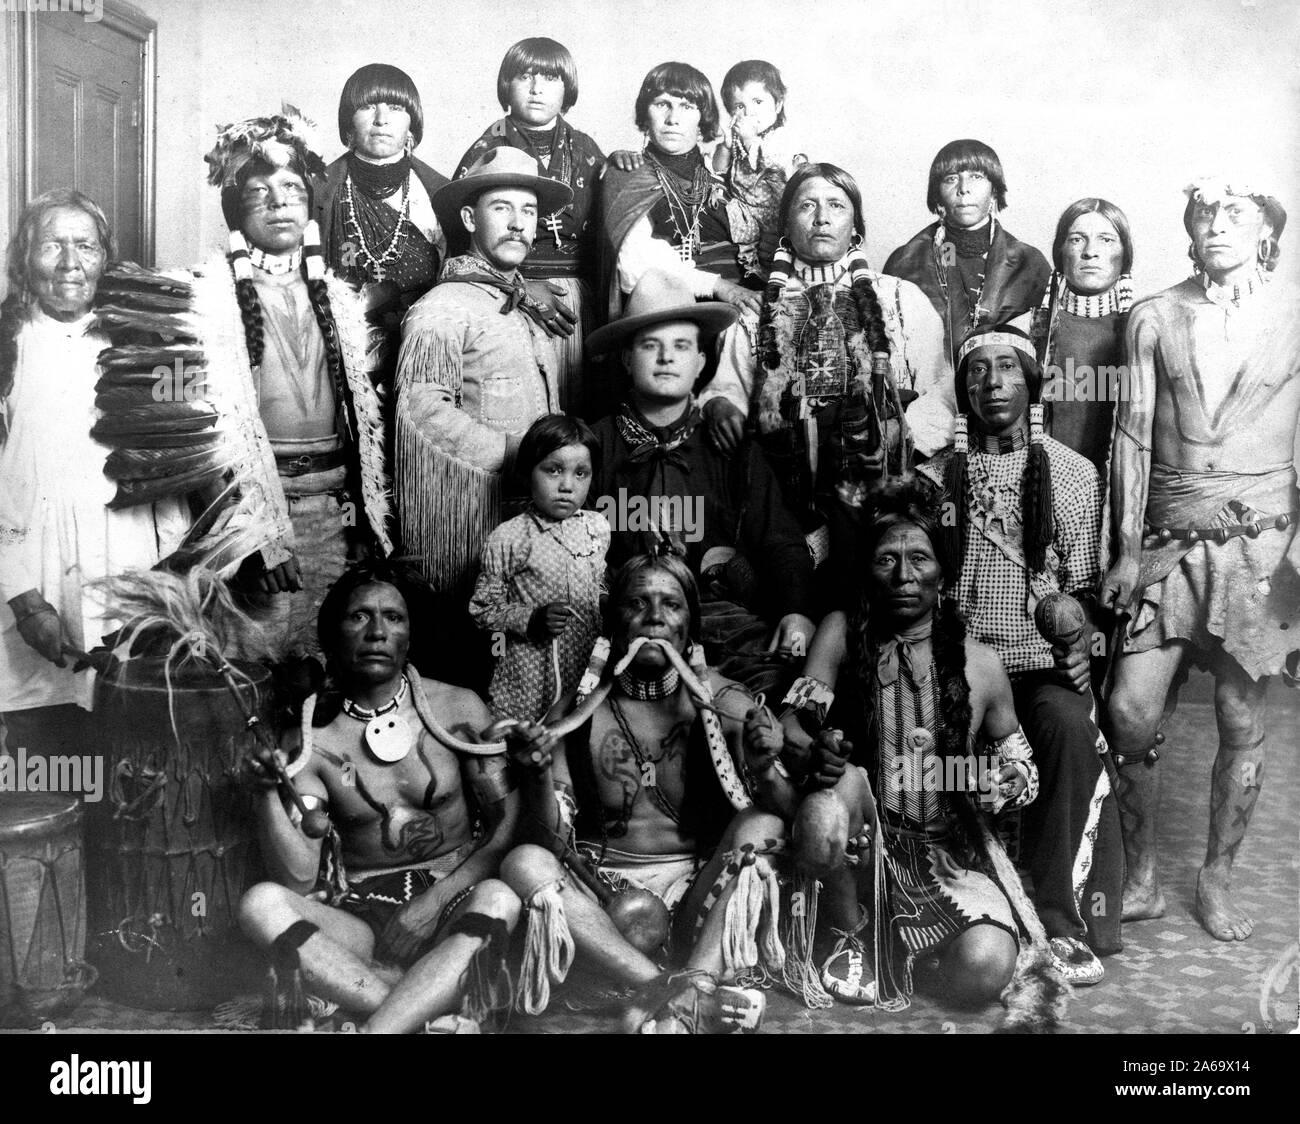 Edward S. Curtis Indios Nativos Americanos - Grupo de los Indios Pueblo, tres hombres delante la celebración de serpientes, dos hombres caucásicos en el centro ca. 1905 Foto de stock